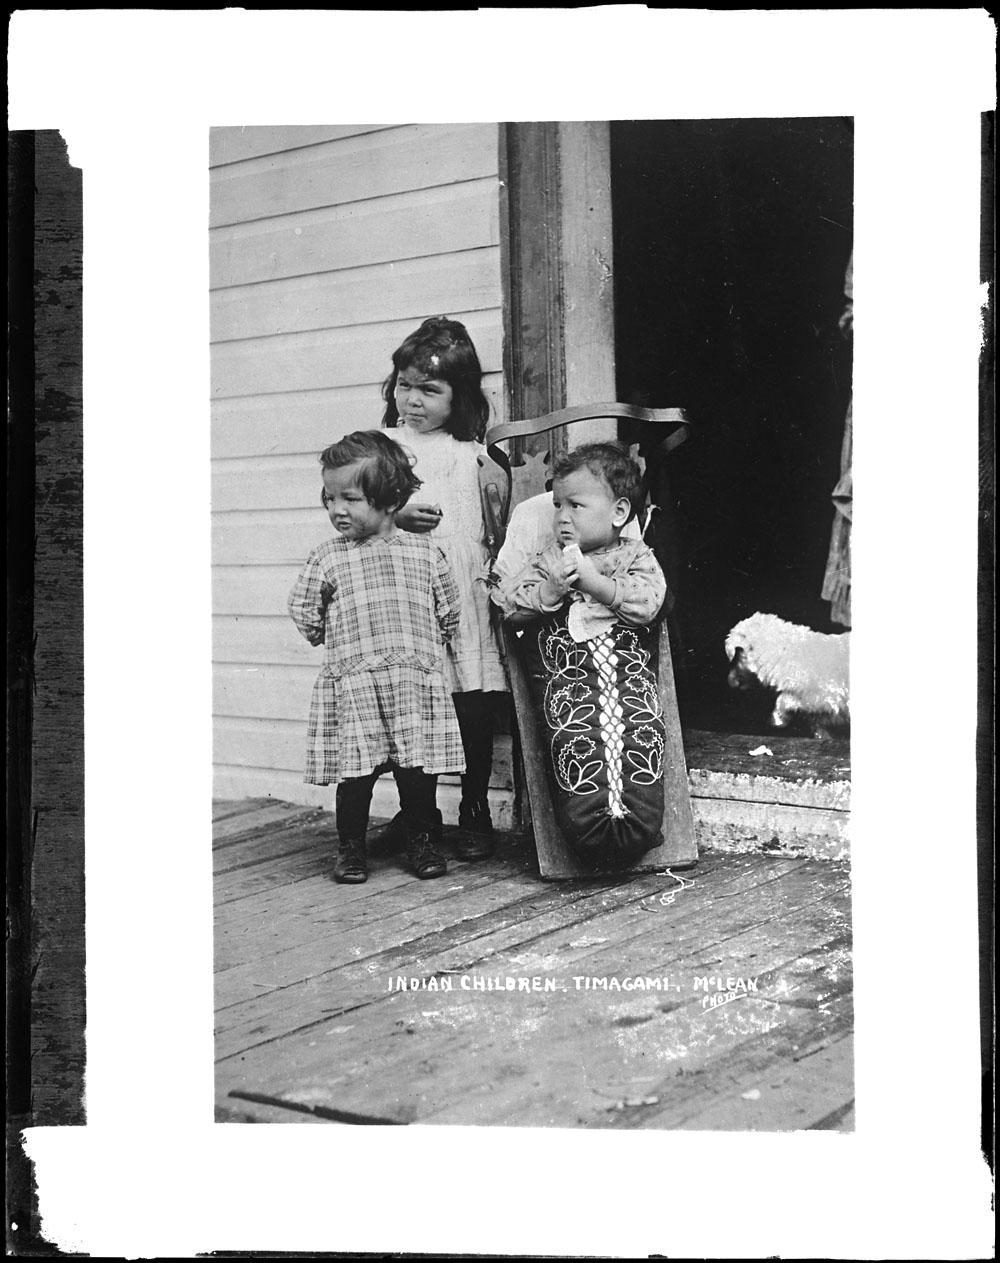 Photographie noir et blanc de trois enfants. Le plus jeune est installé dans un tikinagan au motif de broderie fleurie.